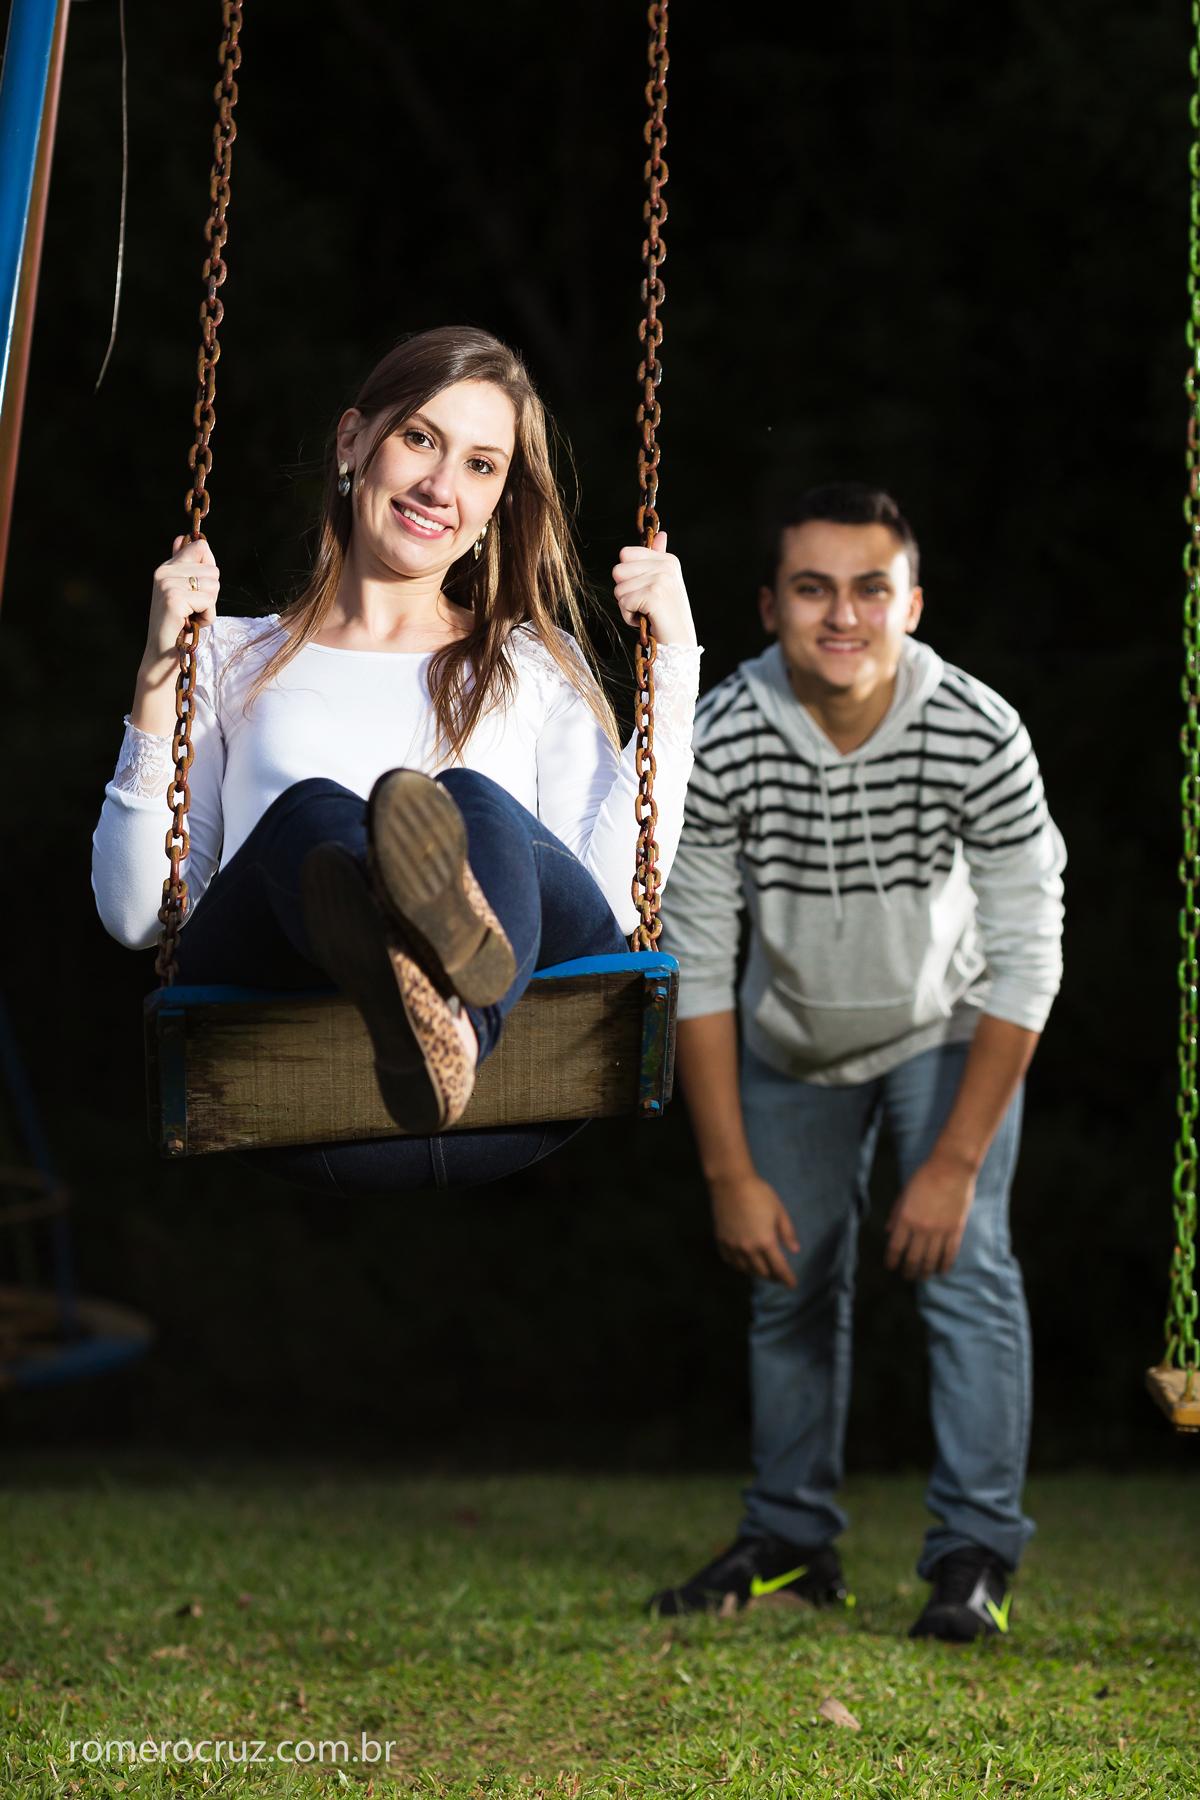 Romero Cruz fotografou o ensaio pré-casamento dos noivos Mariana e Hosman